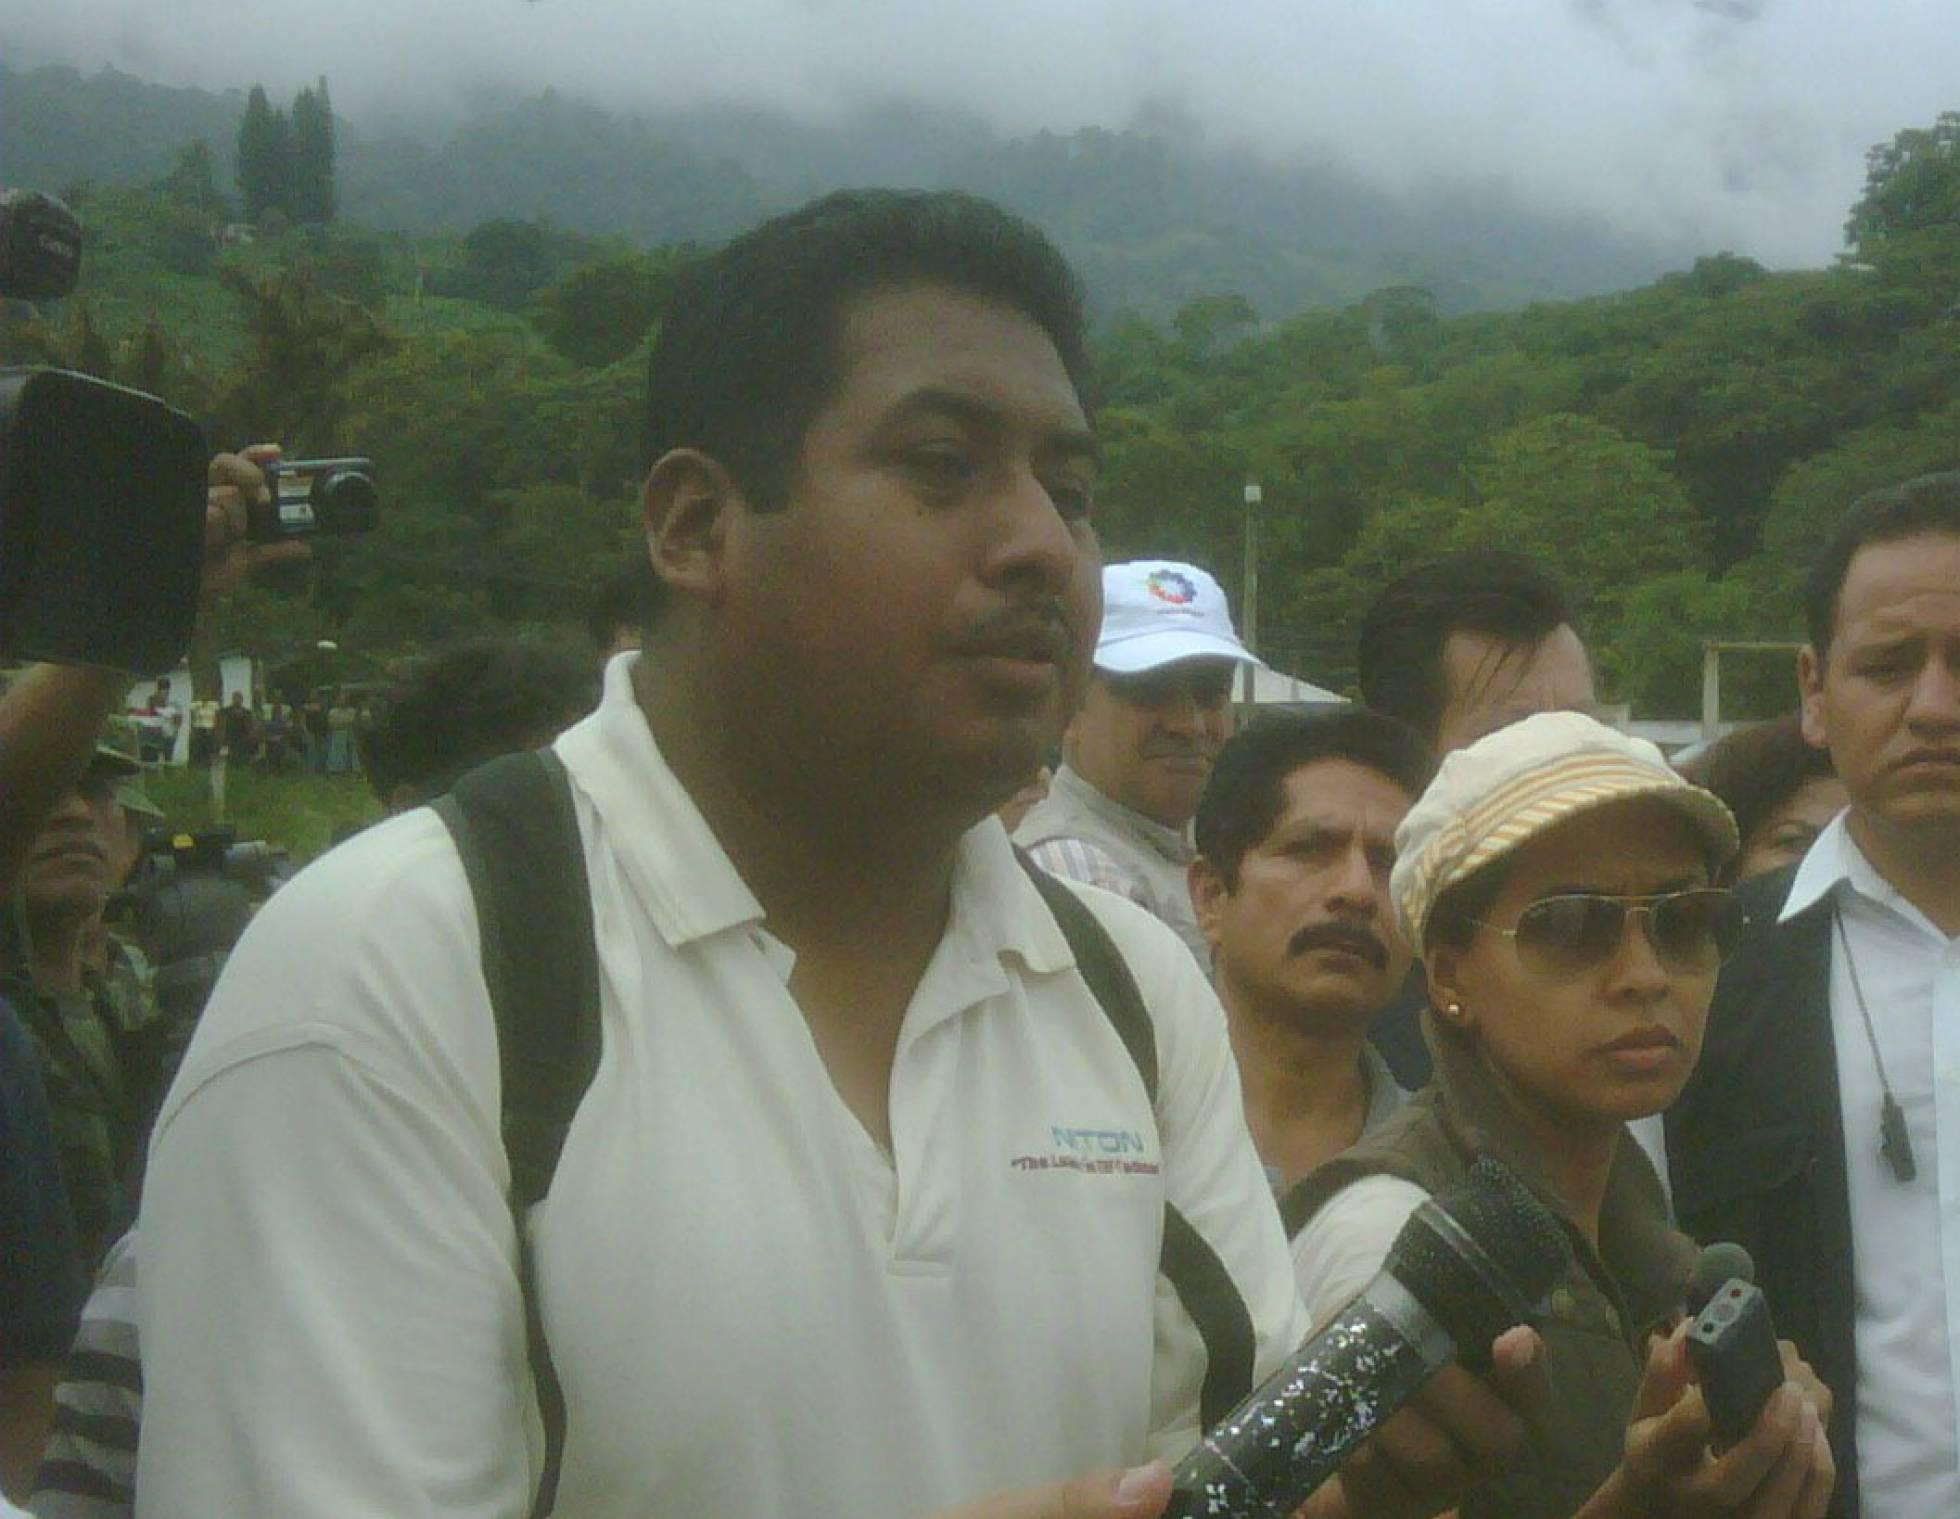 Mario Gomez periodista asesinado en Chiapas